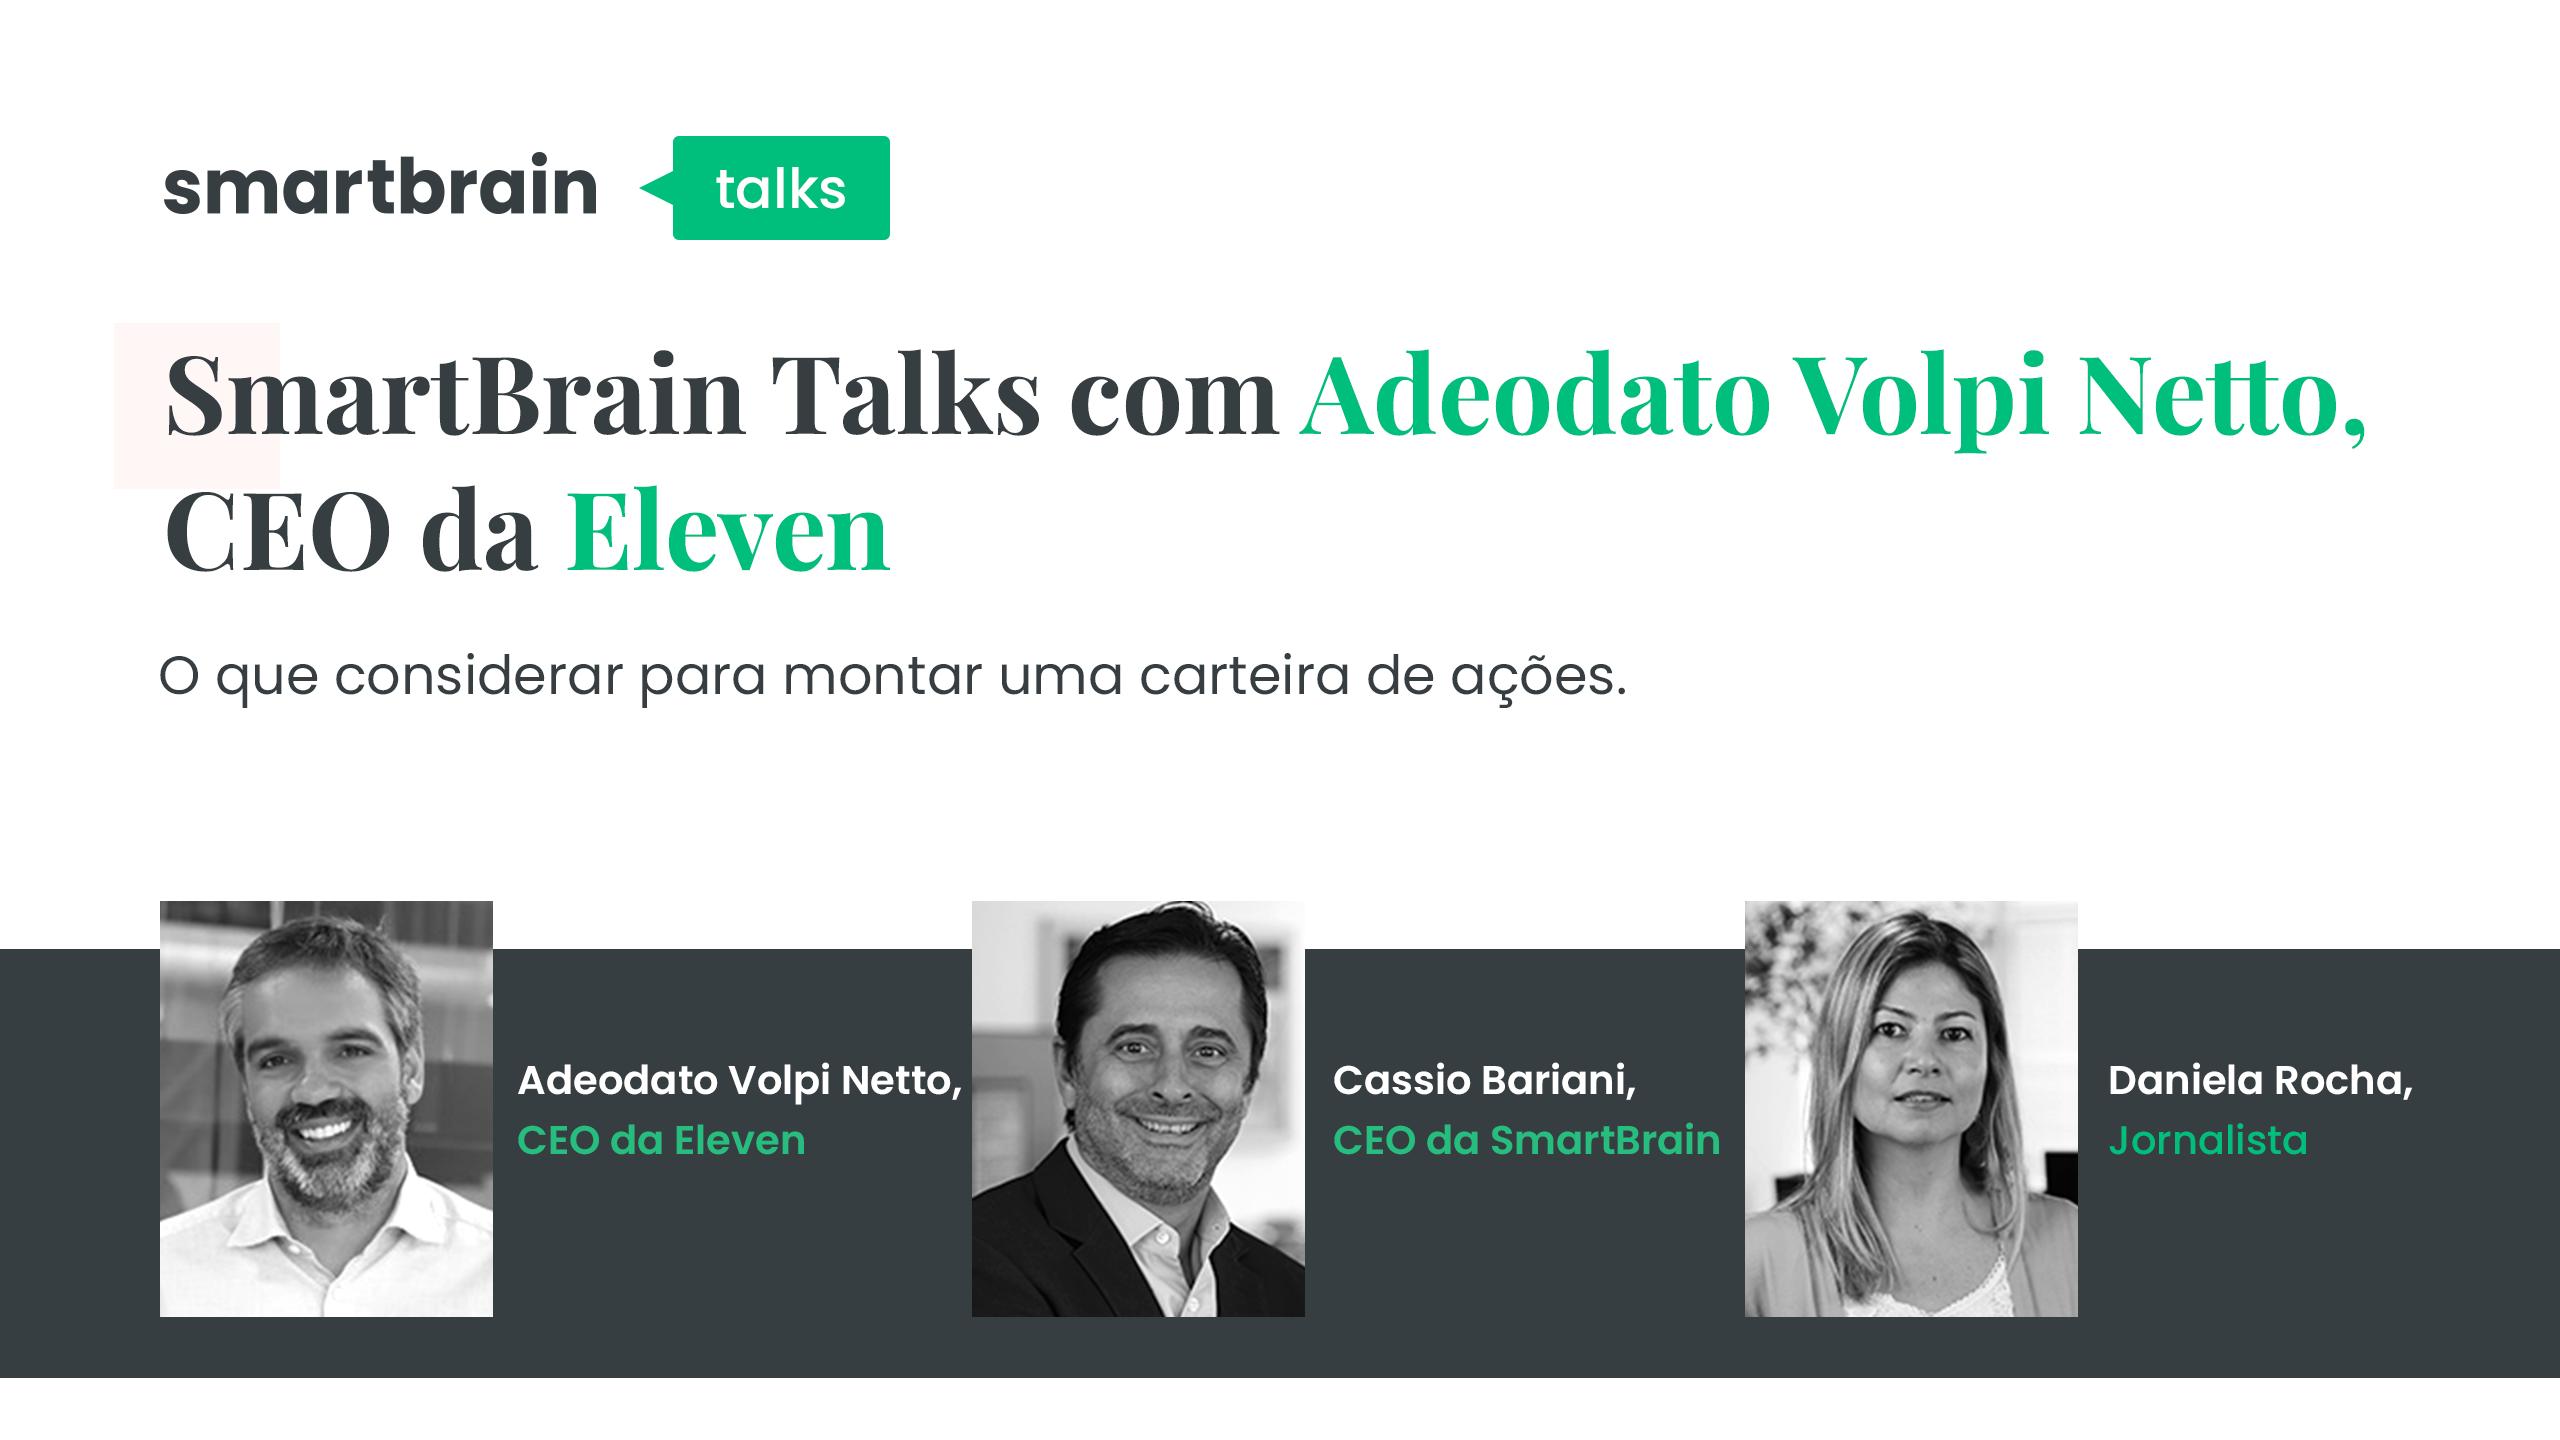 SmartBrain Talks com CEO da Eleven